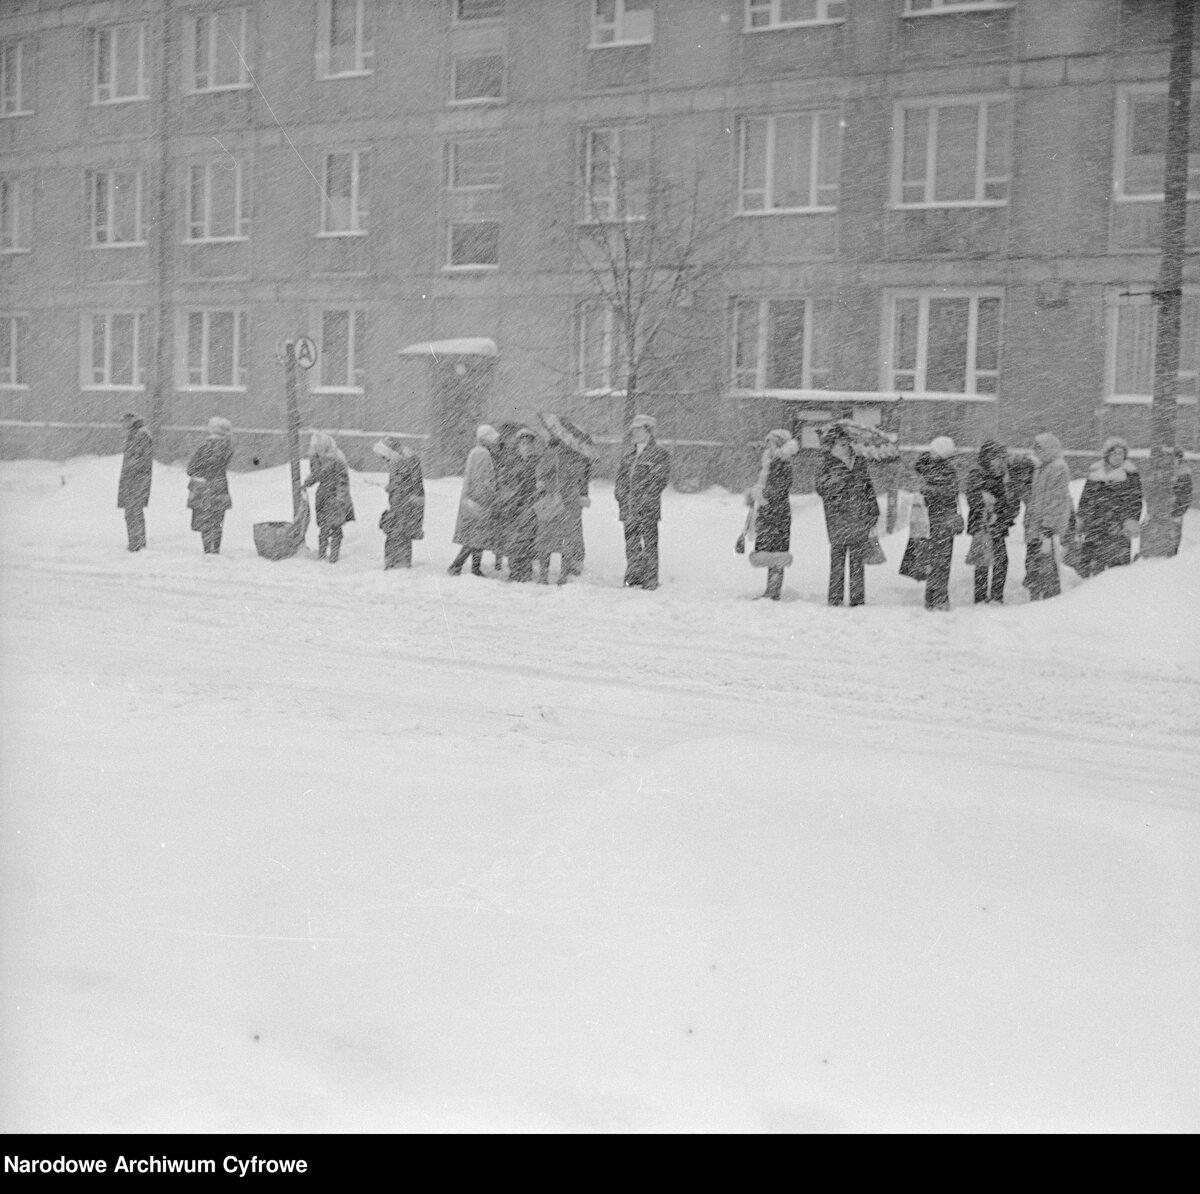 Zima Stulecia na Wierzbnie w Warszawie. Przechodnie na przystanku autobusowym